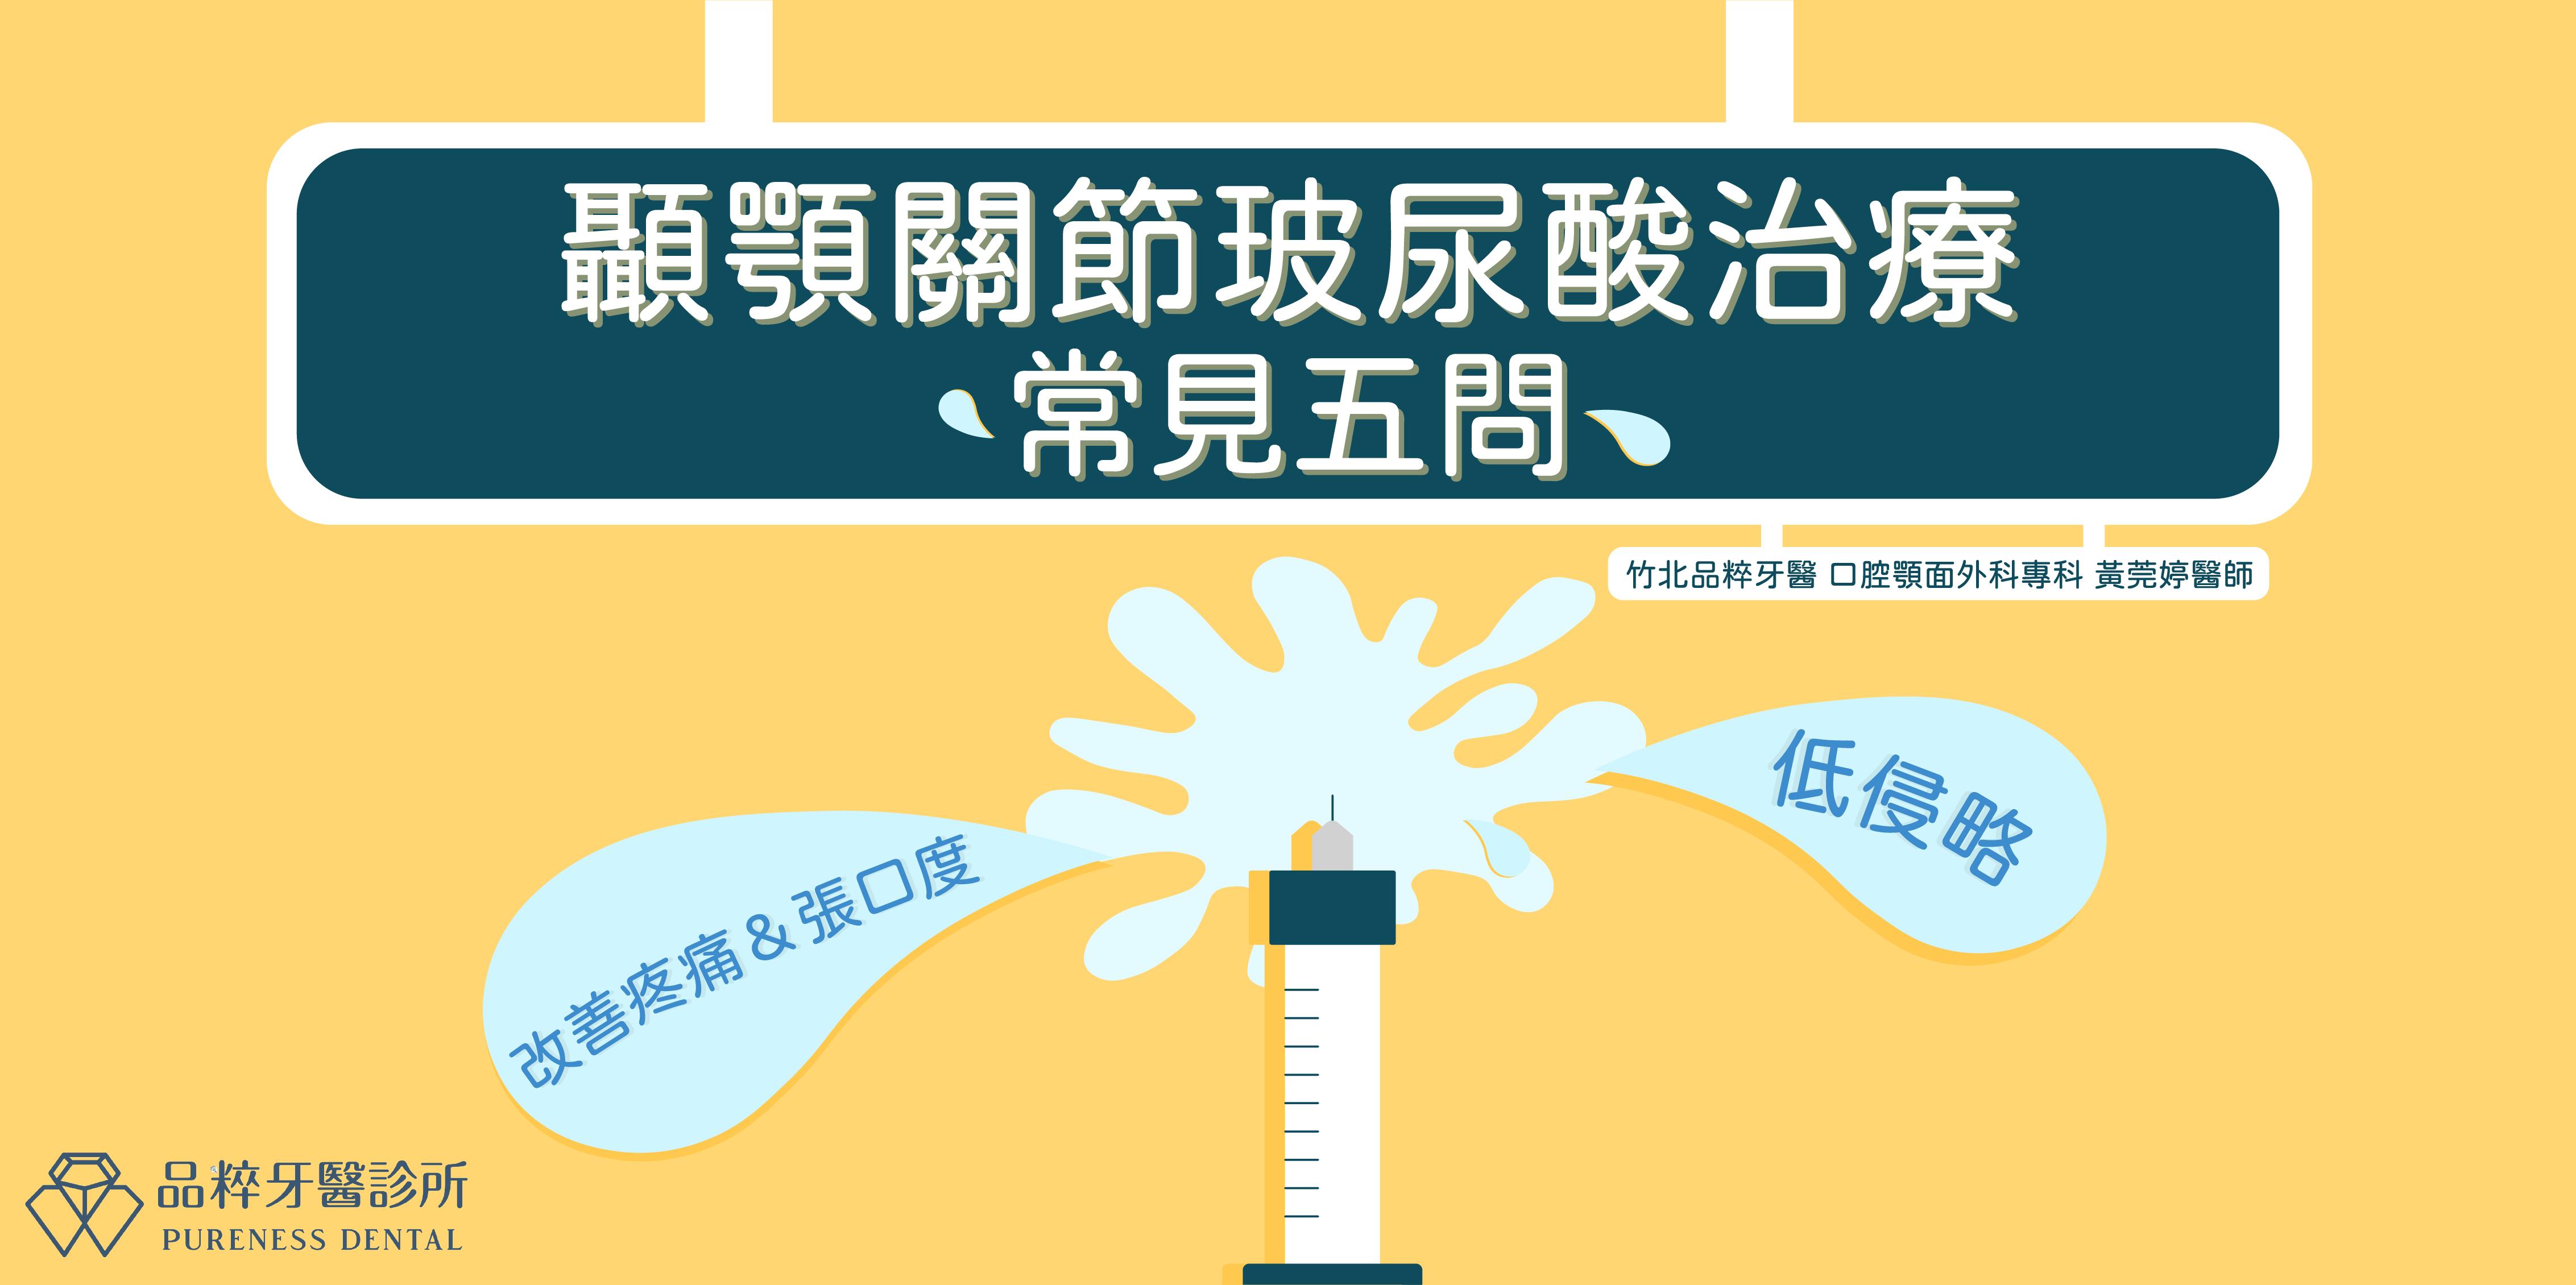 顳顎關節症候群改善疼痛和張口度